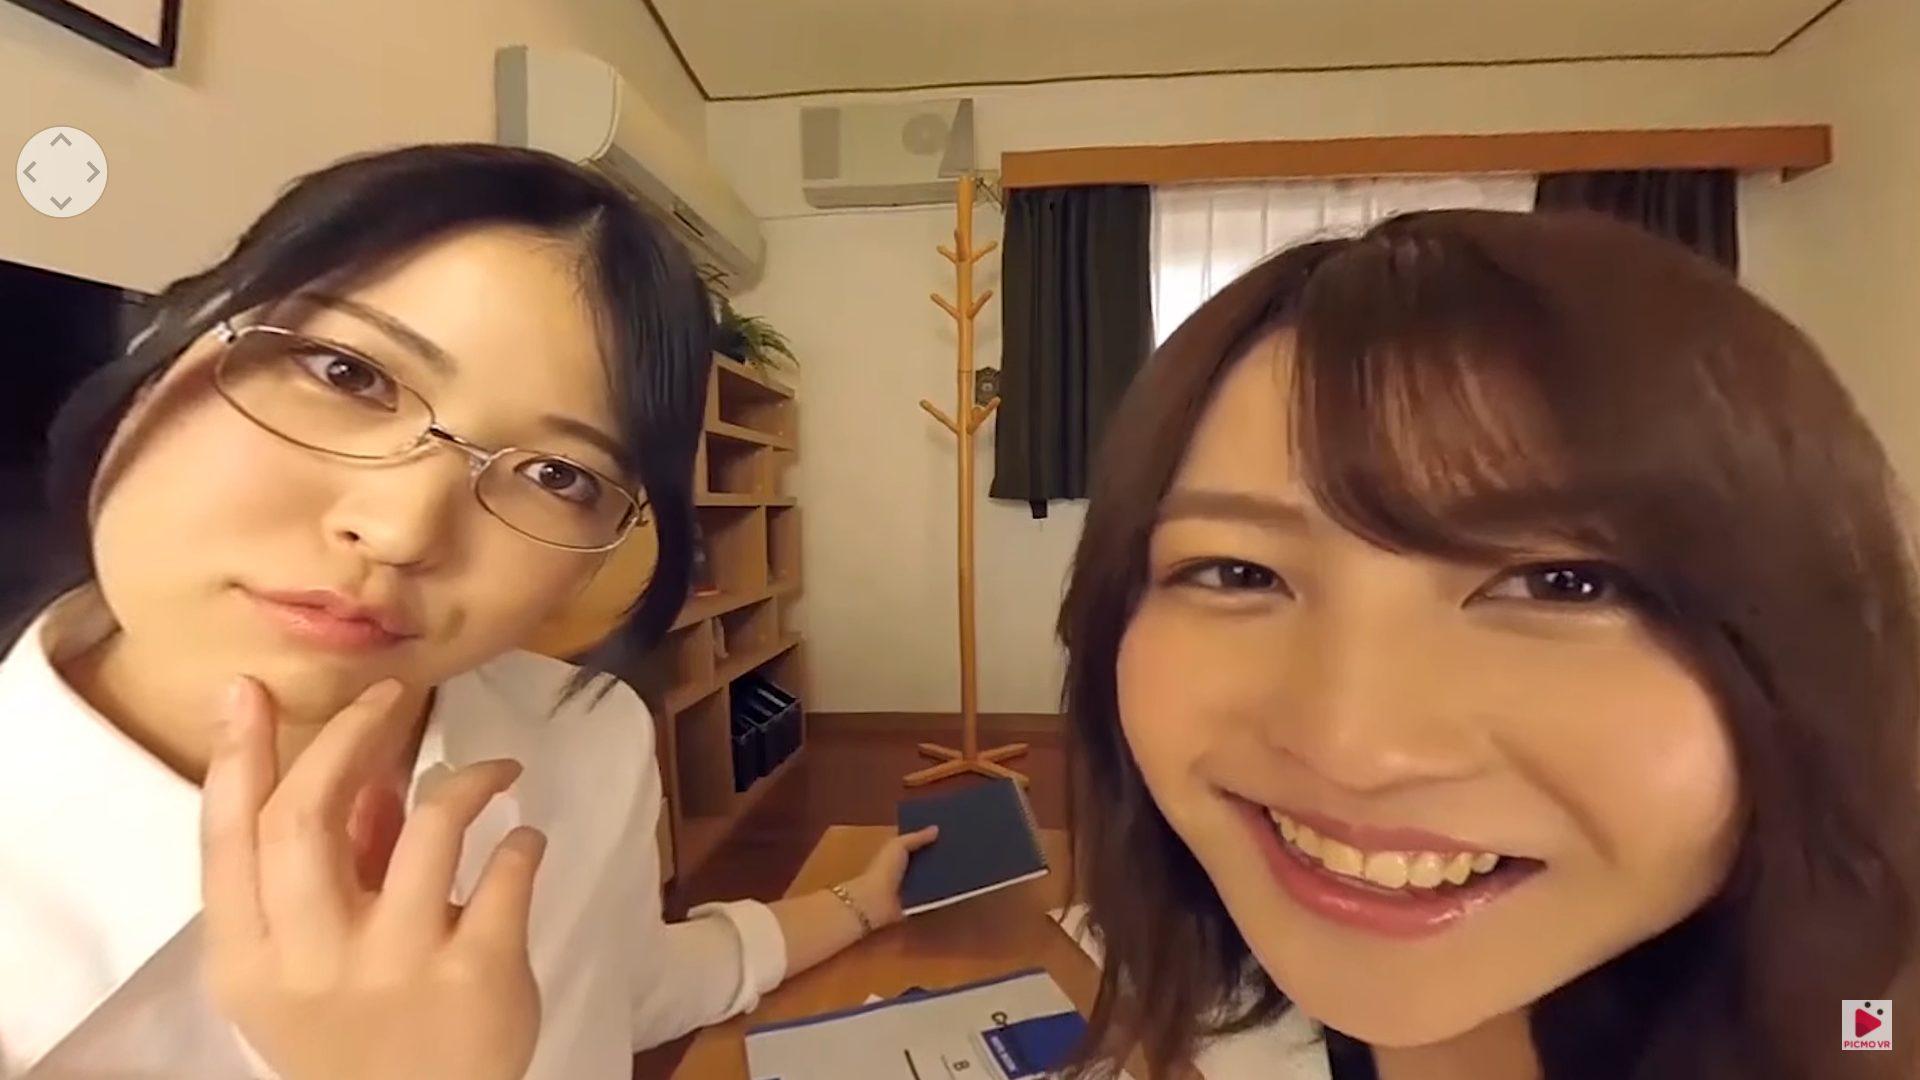 【小柳歩 中野ゆきみ】 「【VR】バーチャルダイブ このクラスの家庭教師2人つけるくらいでようやくヤル気になれる」サンプル動画